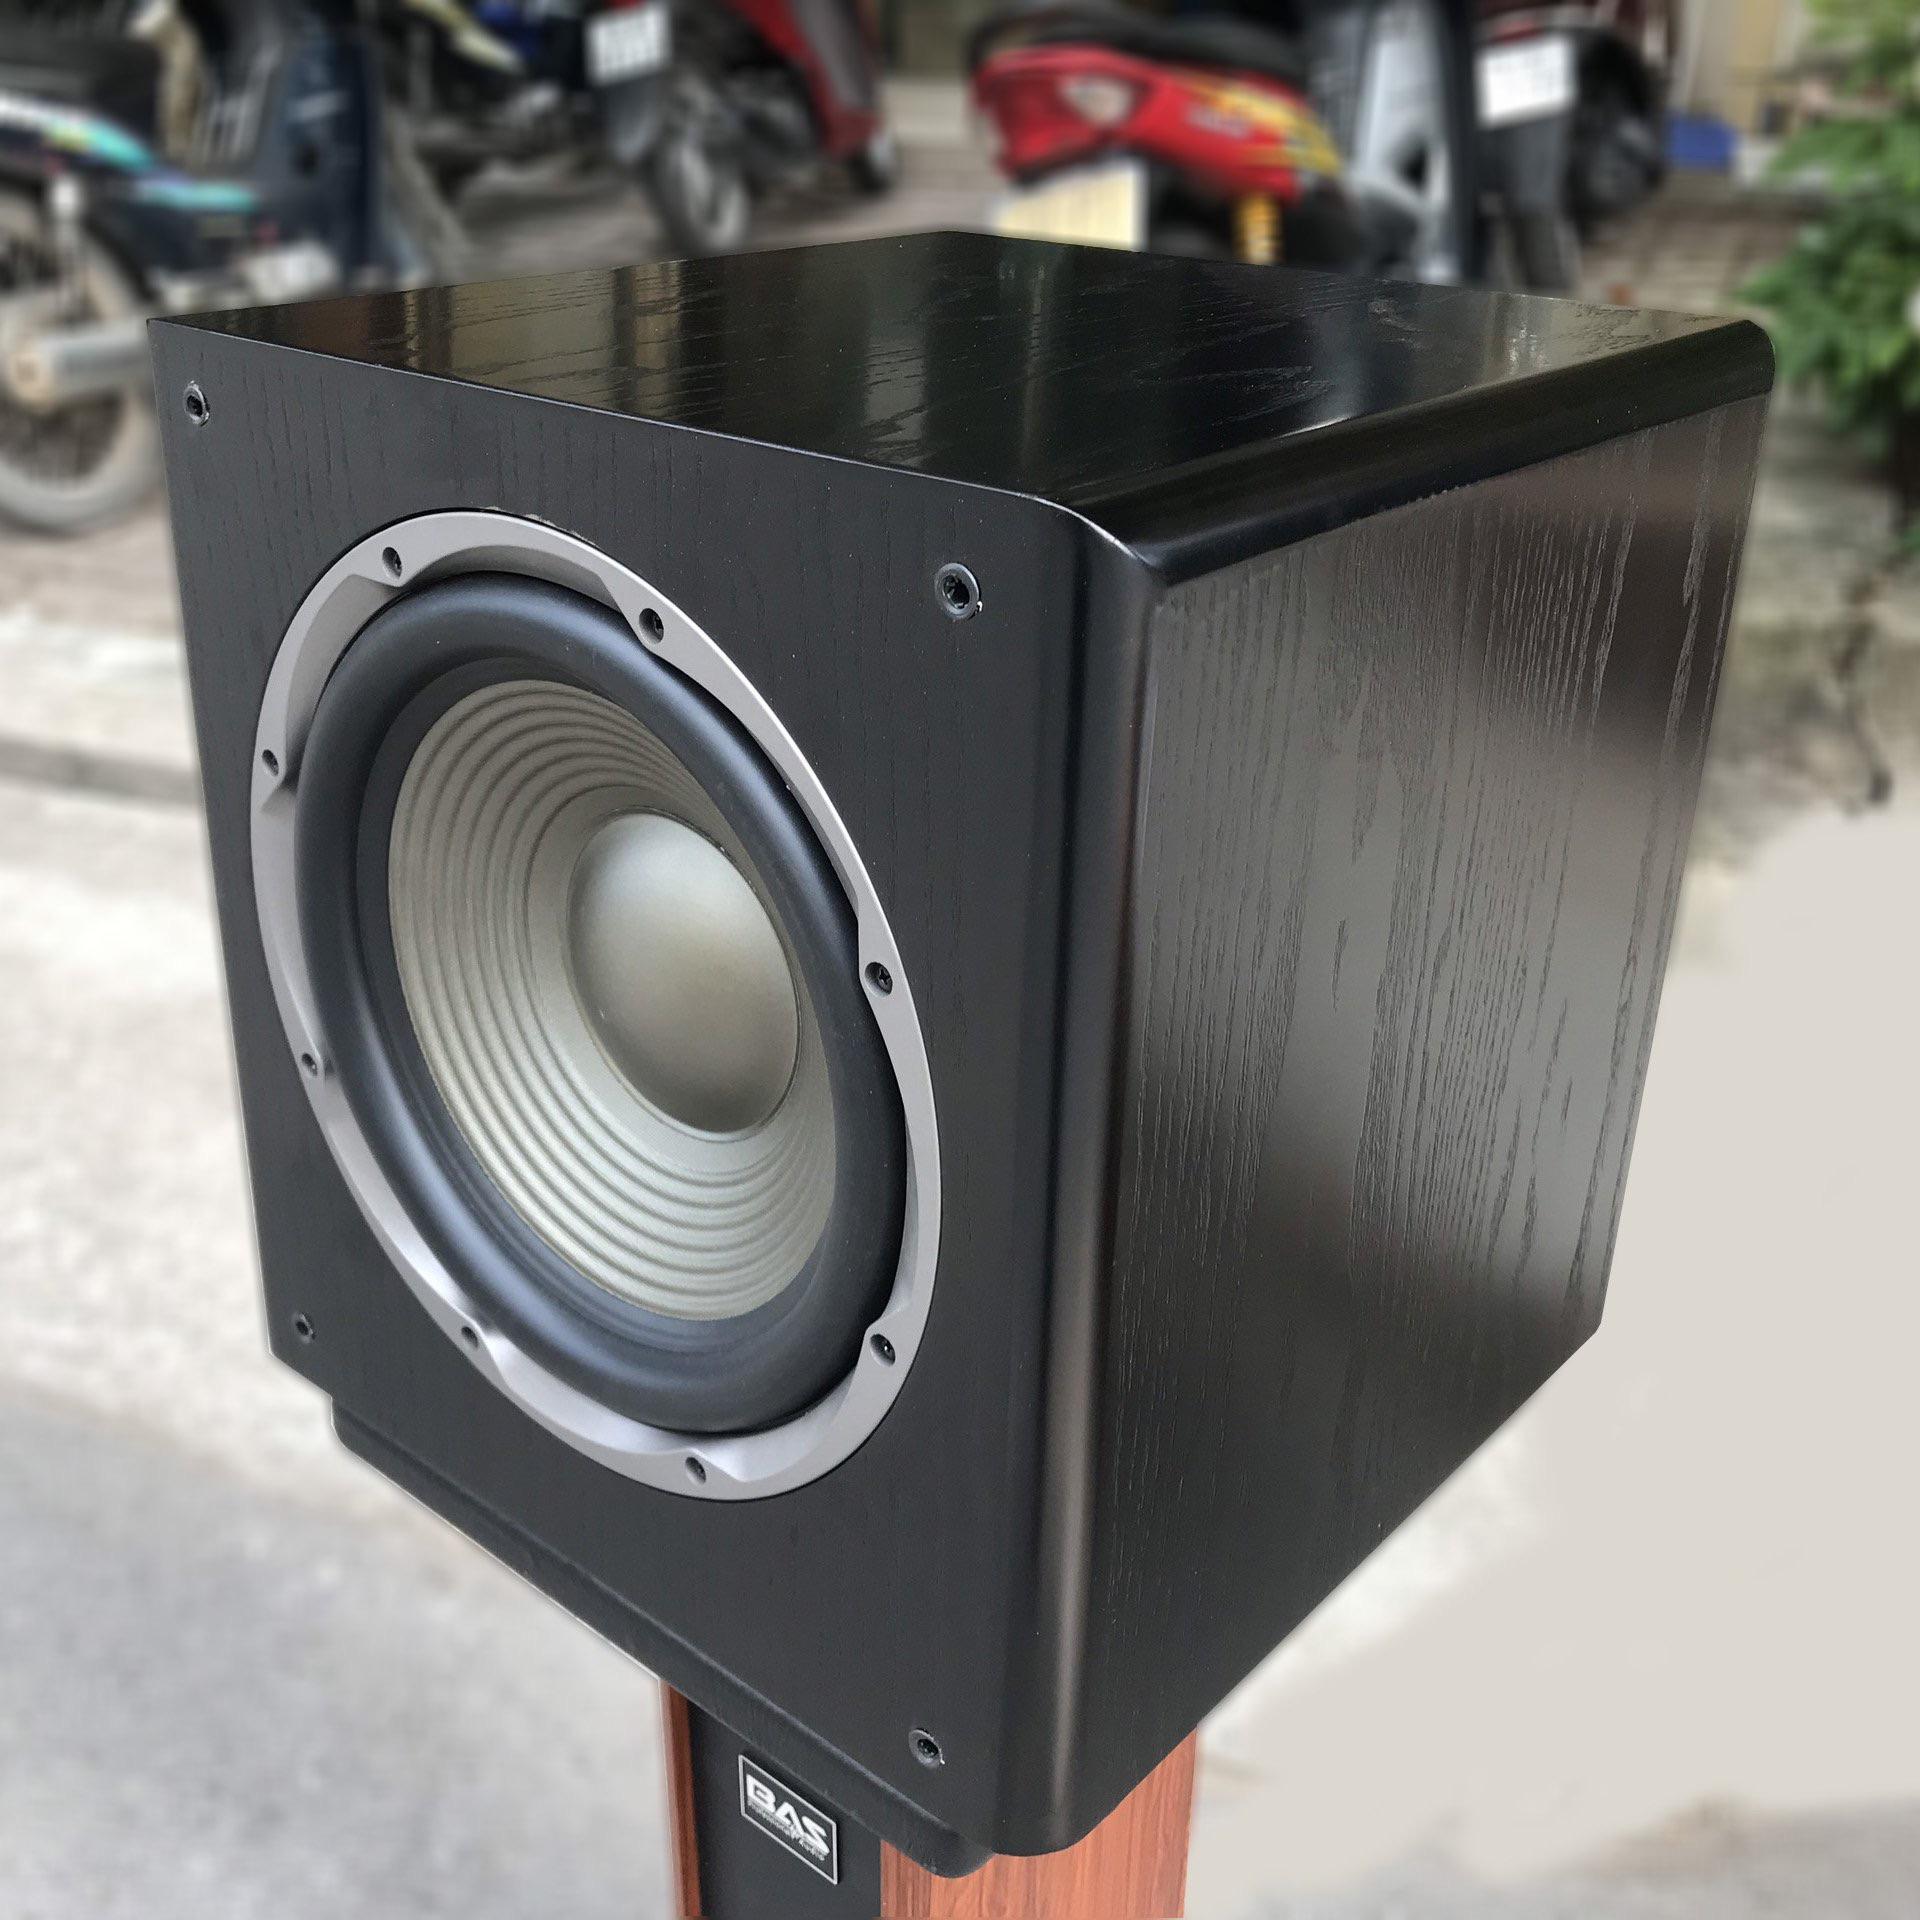 Loa subwoofer - loa trầm, sub điện BAS AS-12 bass 30 - nguồn xuyến - cs 300w - CHÍNH HÃNG